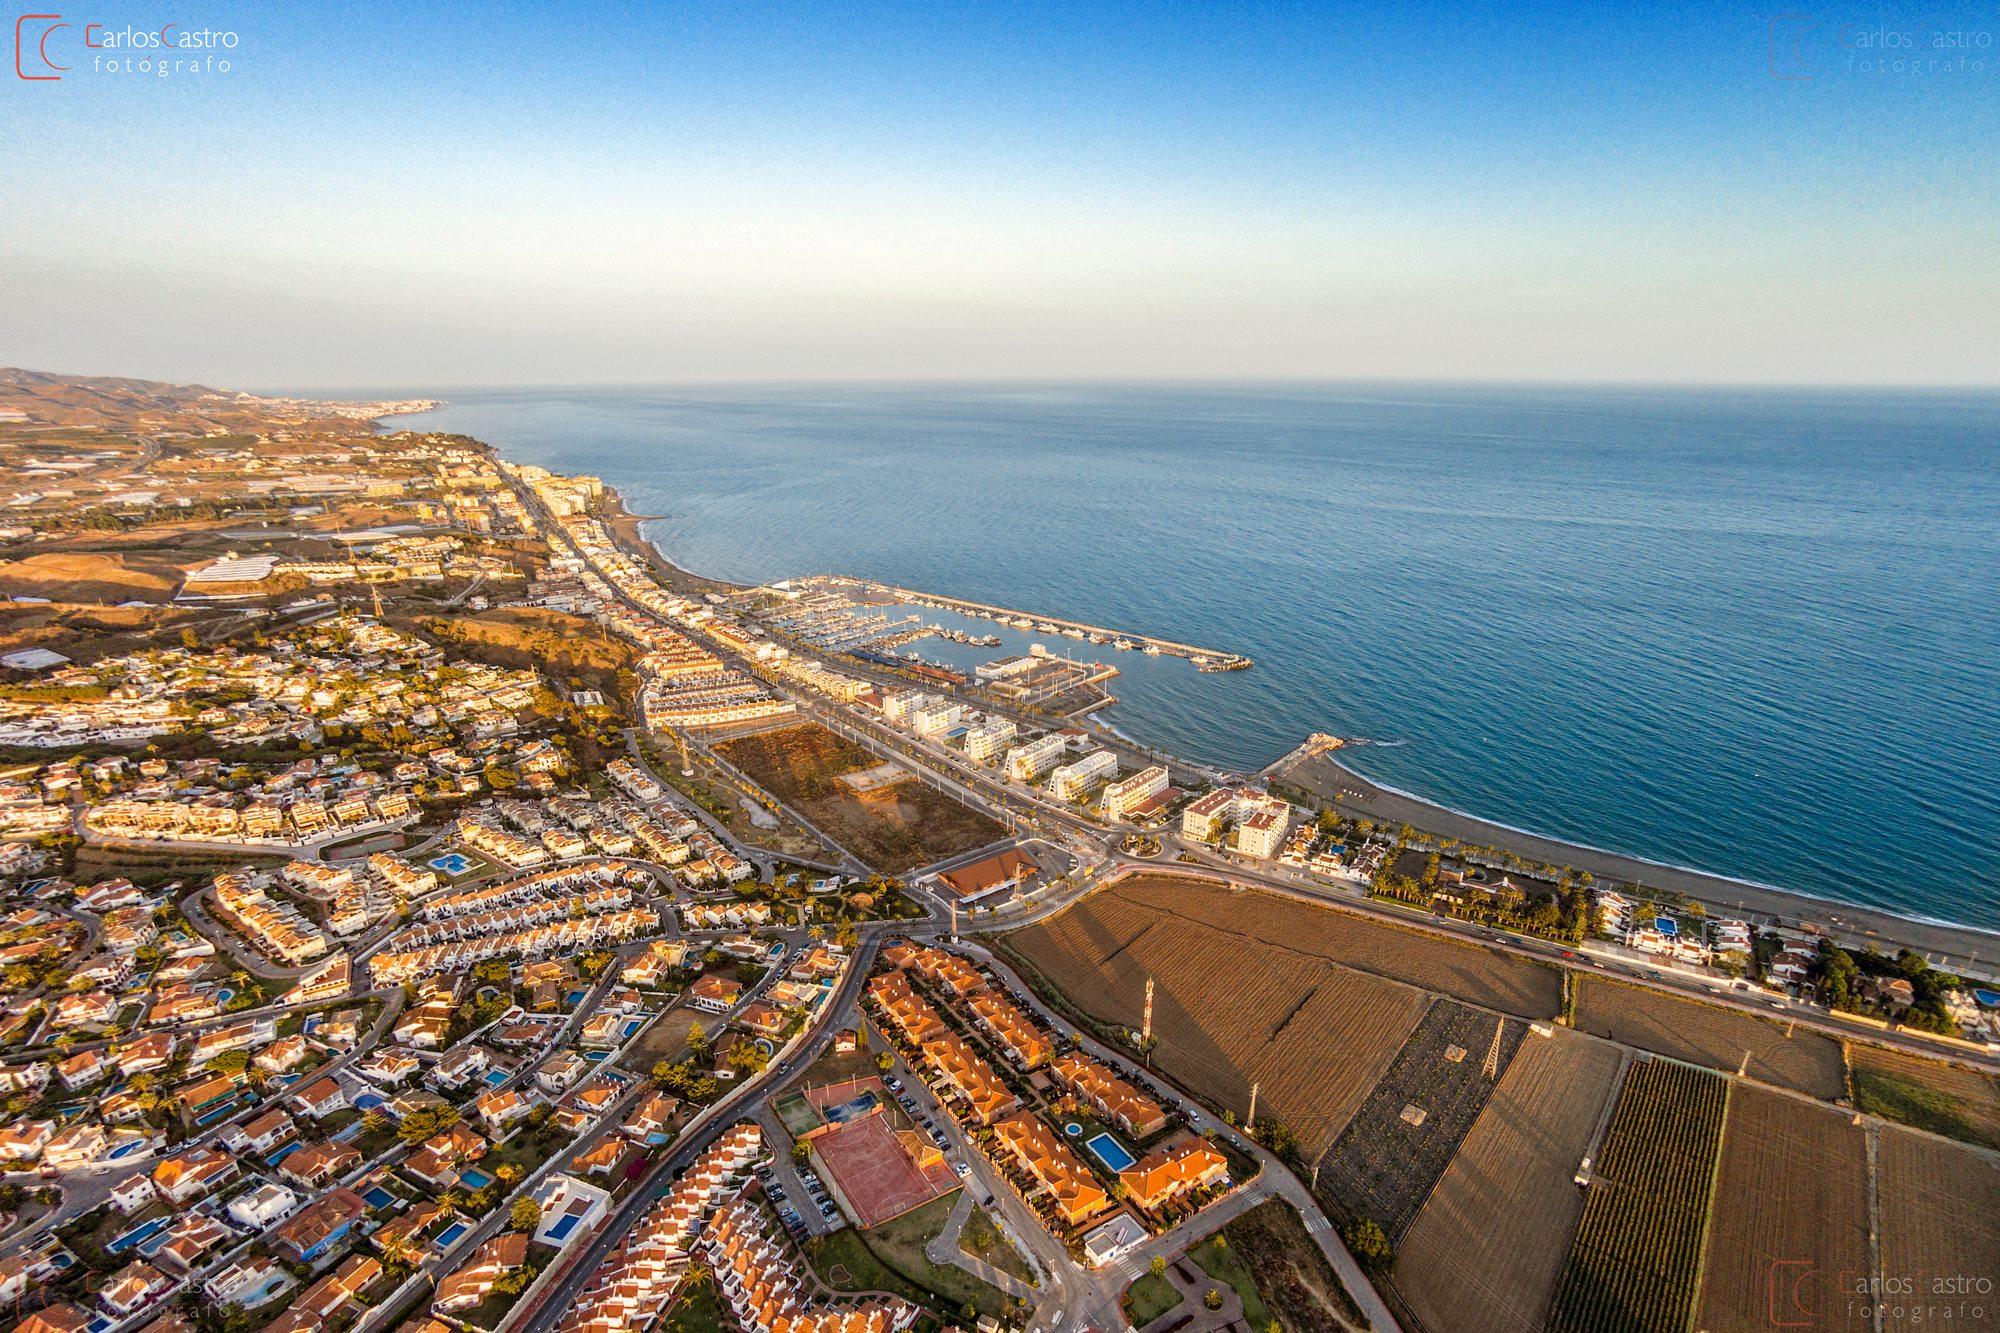 Im genes a reas de caleta de v lez puerto carlos castro fot grafo - Fotografia aerea malaga ...